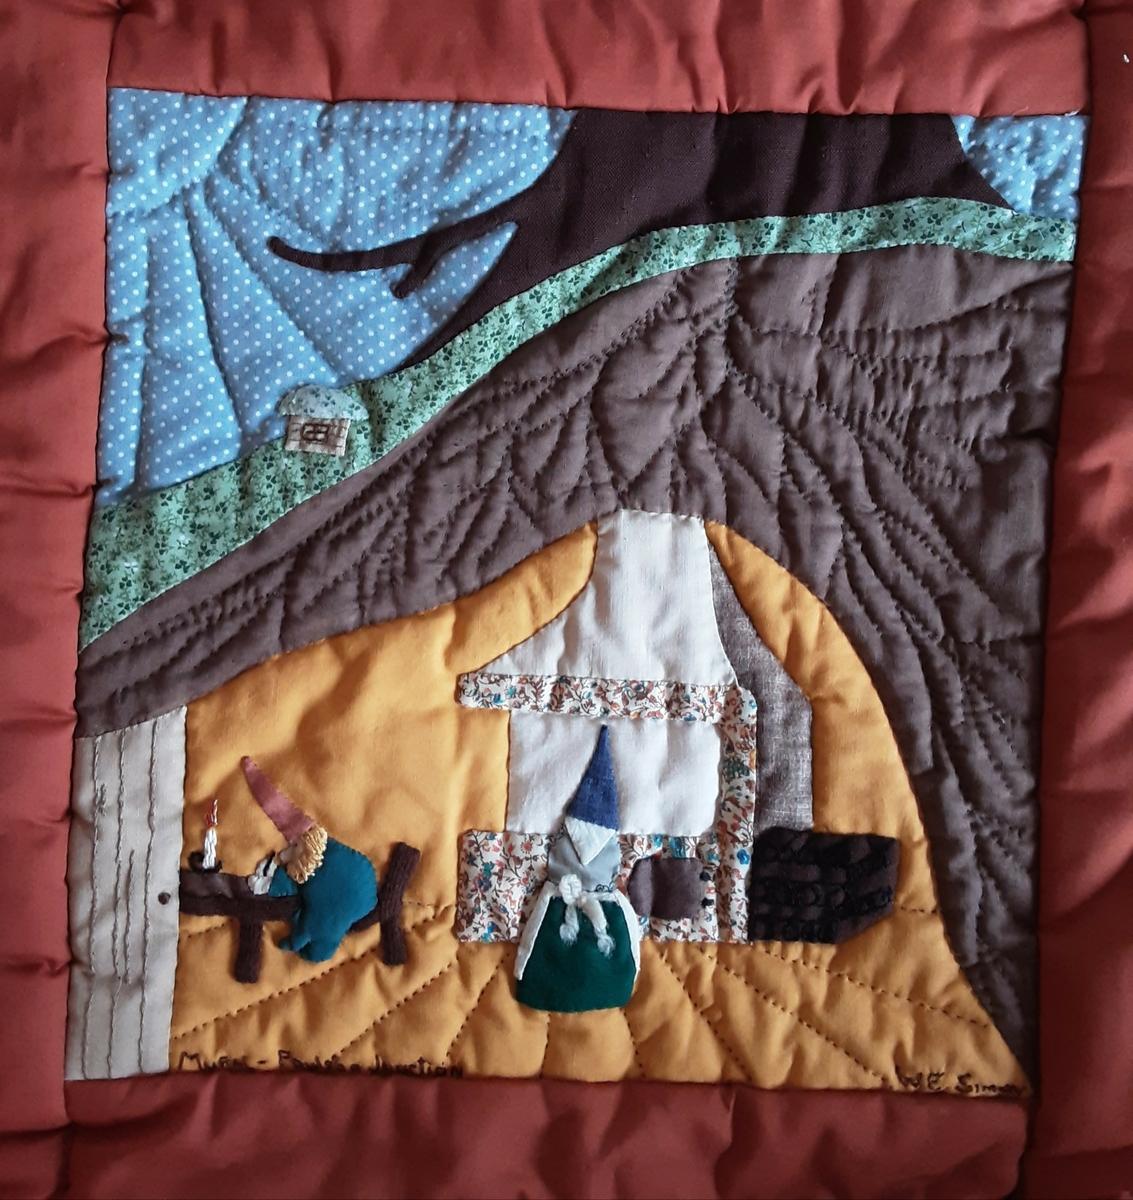 """Lappeteppet består av 20 ulike bilder. Hvert enkelt bilde er håndsydd og brodert. Det skal vise motiver fra Skandinavia og USA, gammel og moderne tid. På hver enkelt bilde er det brodert inn navnet til den som har laget det. Alle delene har så blitt montert sammen til et stort sengeteppe. Brun innramming og bakside. Vattert. Tekst på bIldemotivene fra øverst til venstre: 1. Audrey Edmonds 2. Ness Place,1901, Shirley Martinson 3. Poulsbo Junction, Renee Gustafson 4. Swedish Horse, Nancy Bauman 5. Mural-Poulsbo Junction, W.E. Simon 6. Mural - 1st. Avennue, Margaret Moriarty 7. The Mall(?), J. Bodner 8. Jensen Way, Audrey St. Clair 9. Sons of Norway 1918-1972, Bonnie Olson 10. Marcia Nelson 11. Circa 1900, Third Ave. NE, Ann Mossman 12. Viking Ship, Poulsbo Elementary, Marie Barkov 13. Irma Tweiten 14. """"1894"""" 3rd Aveny S., Kathy Holodnak 15. Telephone Blog 1935, Jensen Way, Anne Cook 16. Mural First Avenue, Mary Ann HIll 17. Viking, Olga Arne 18. 1st Lutheran 1908, ???? Freiboth 19. Velkommen til Poulsbo. Mural First Avenue. Poulsbo Quilt 1980. Artist - Annie Campbell, Coordinator - Irma Tweiten, Li Johnson 20. Viking Ship, Edna Eisses"""